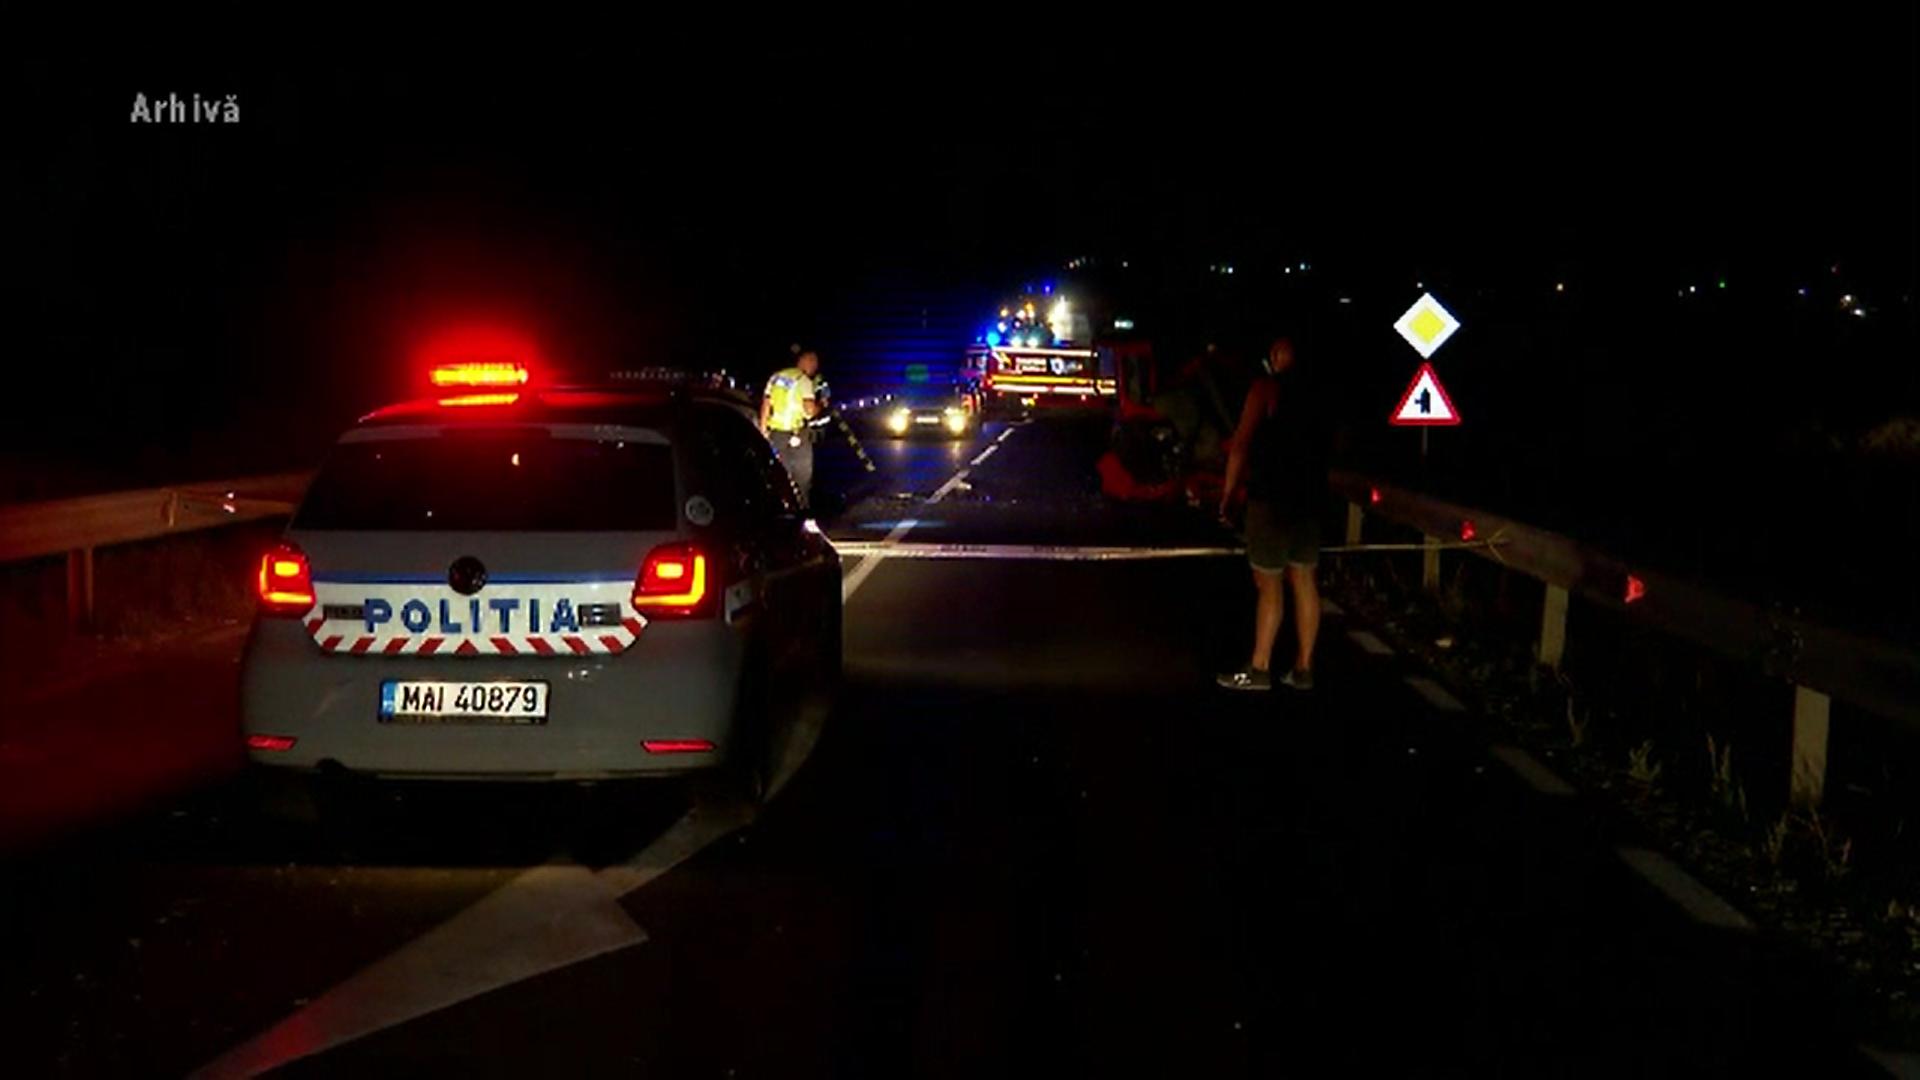 Sfârșit cumplit pentru un bărbat din Craiova. Omul și-a pierdut viaţa după ce a fost lovit de două mașini